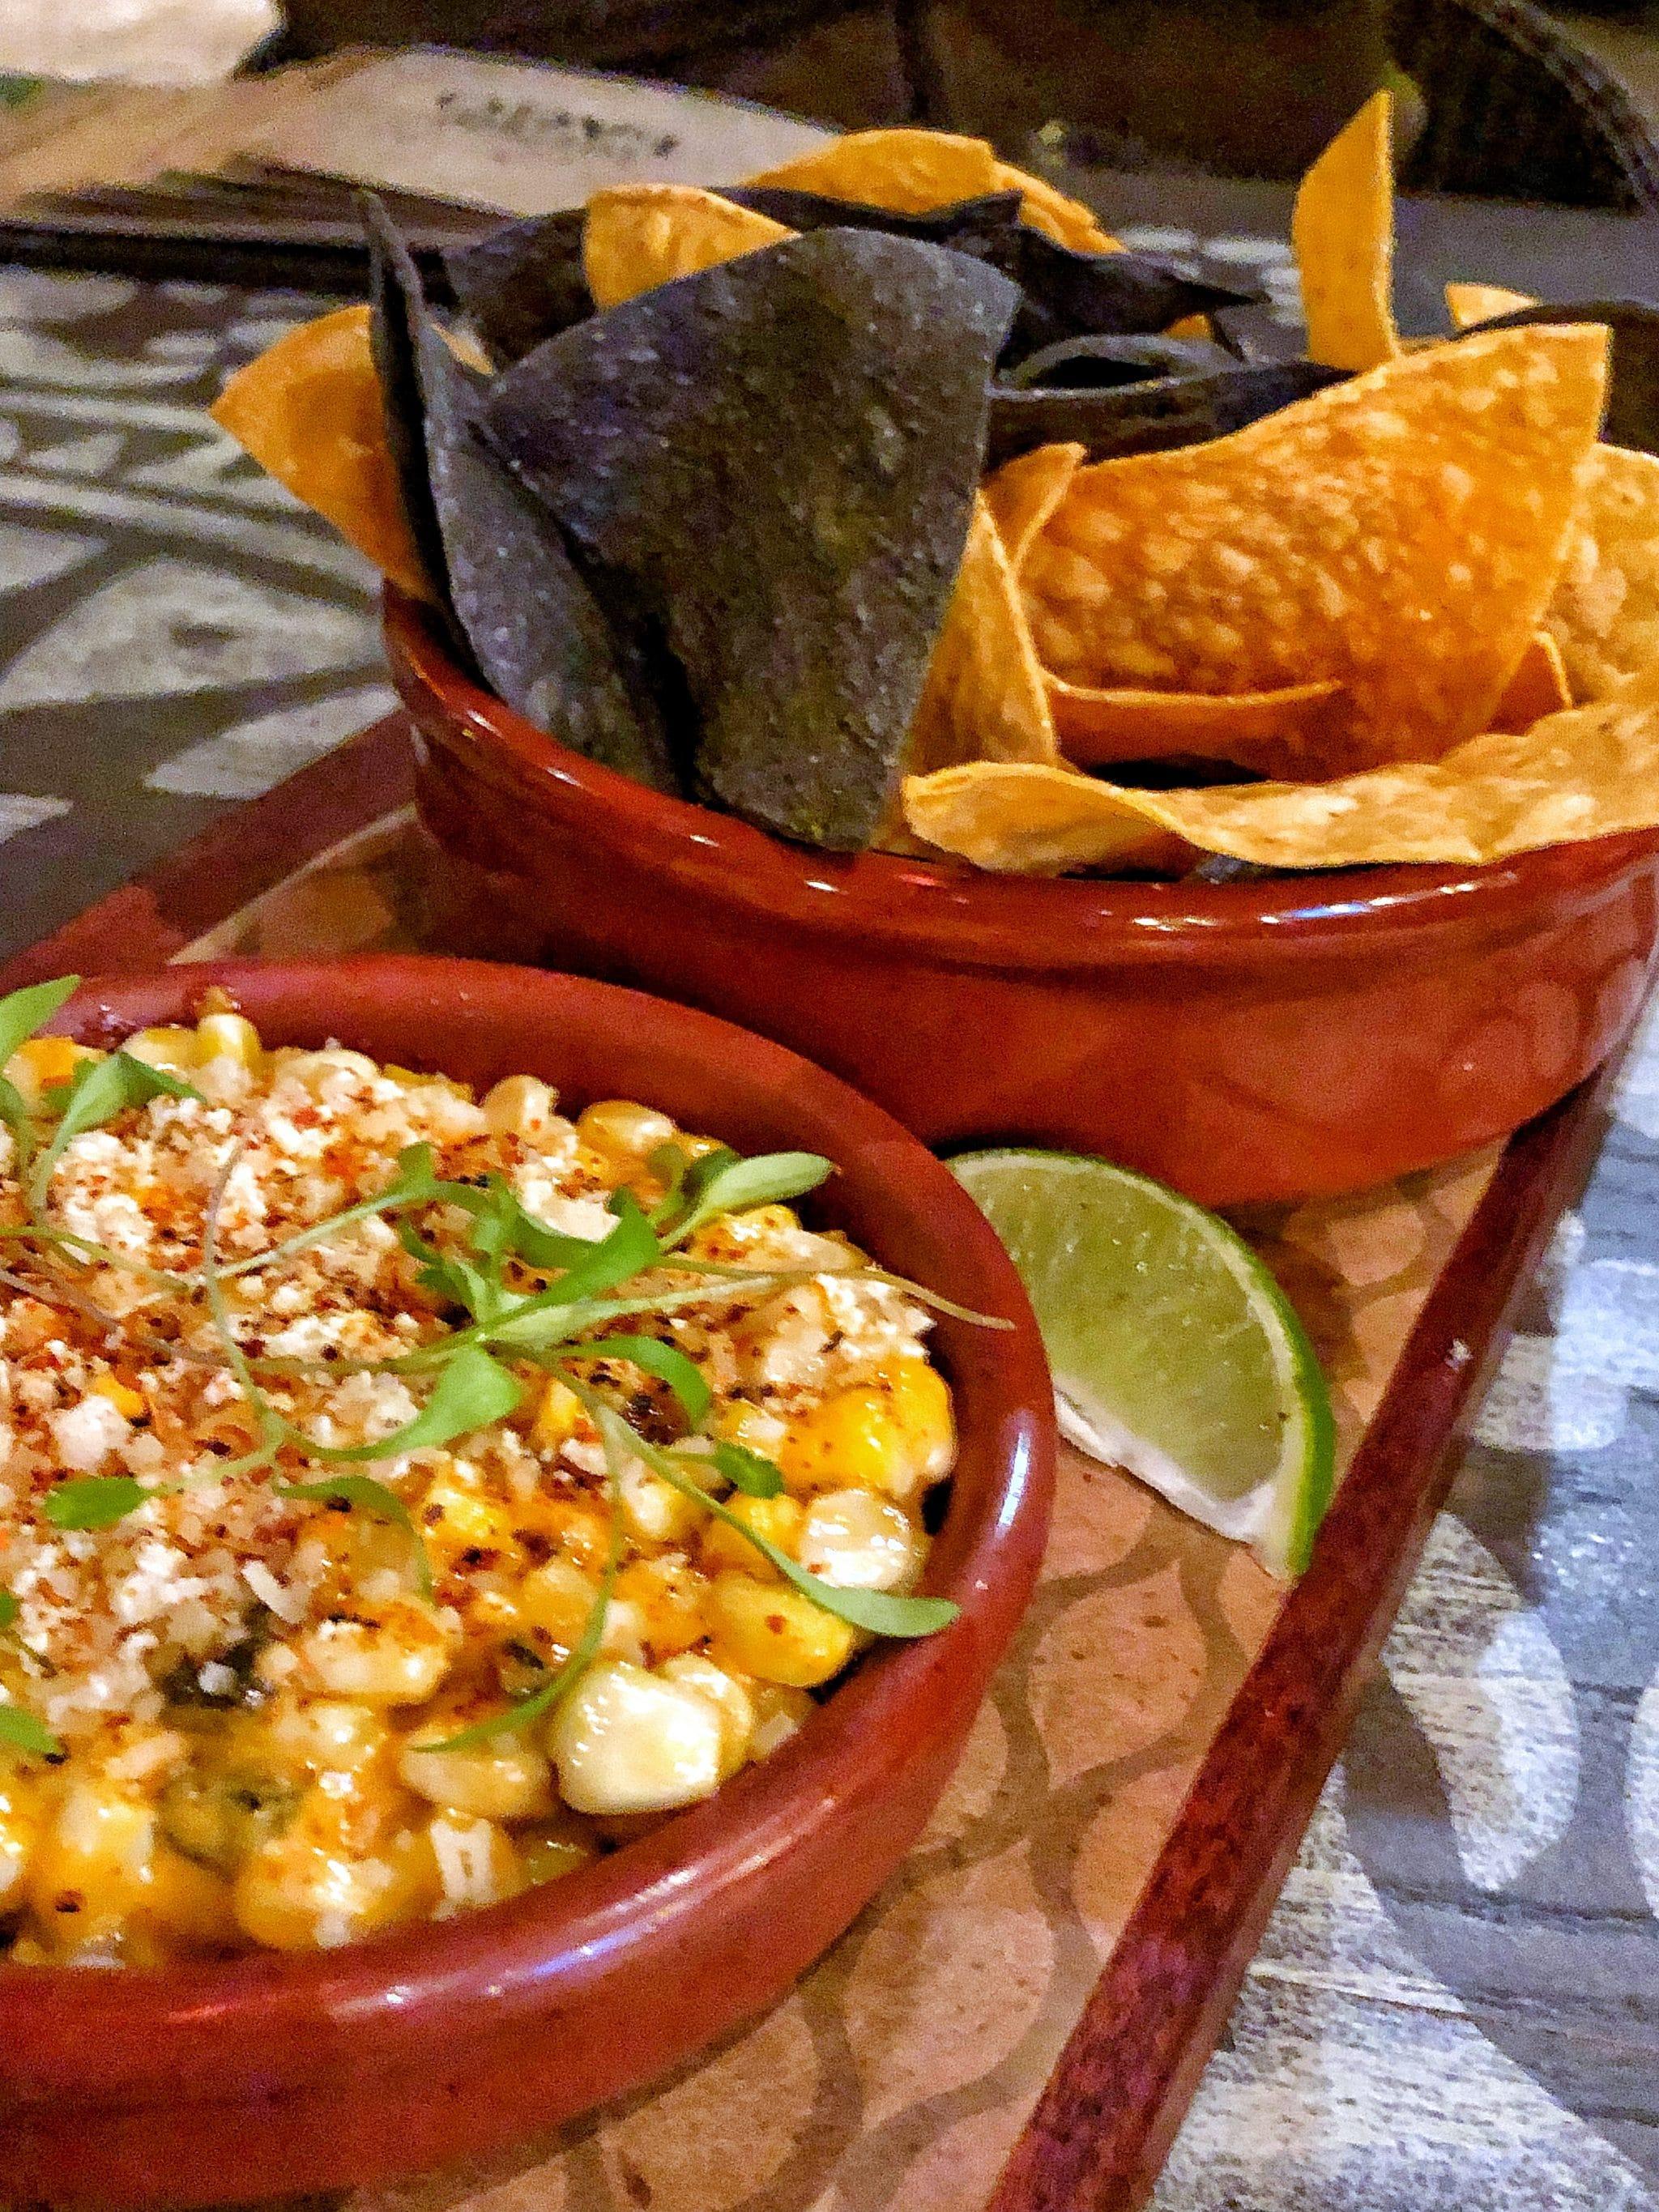 Secret Menu Item Vegan Elote Corn Dip at Three Bridges Bar and Grill at Villa del Lago in Disney's Coronado Springs Resort